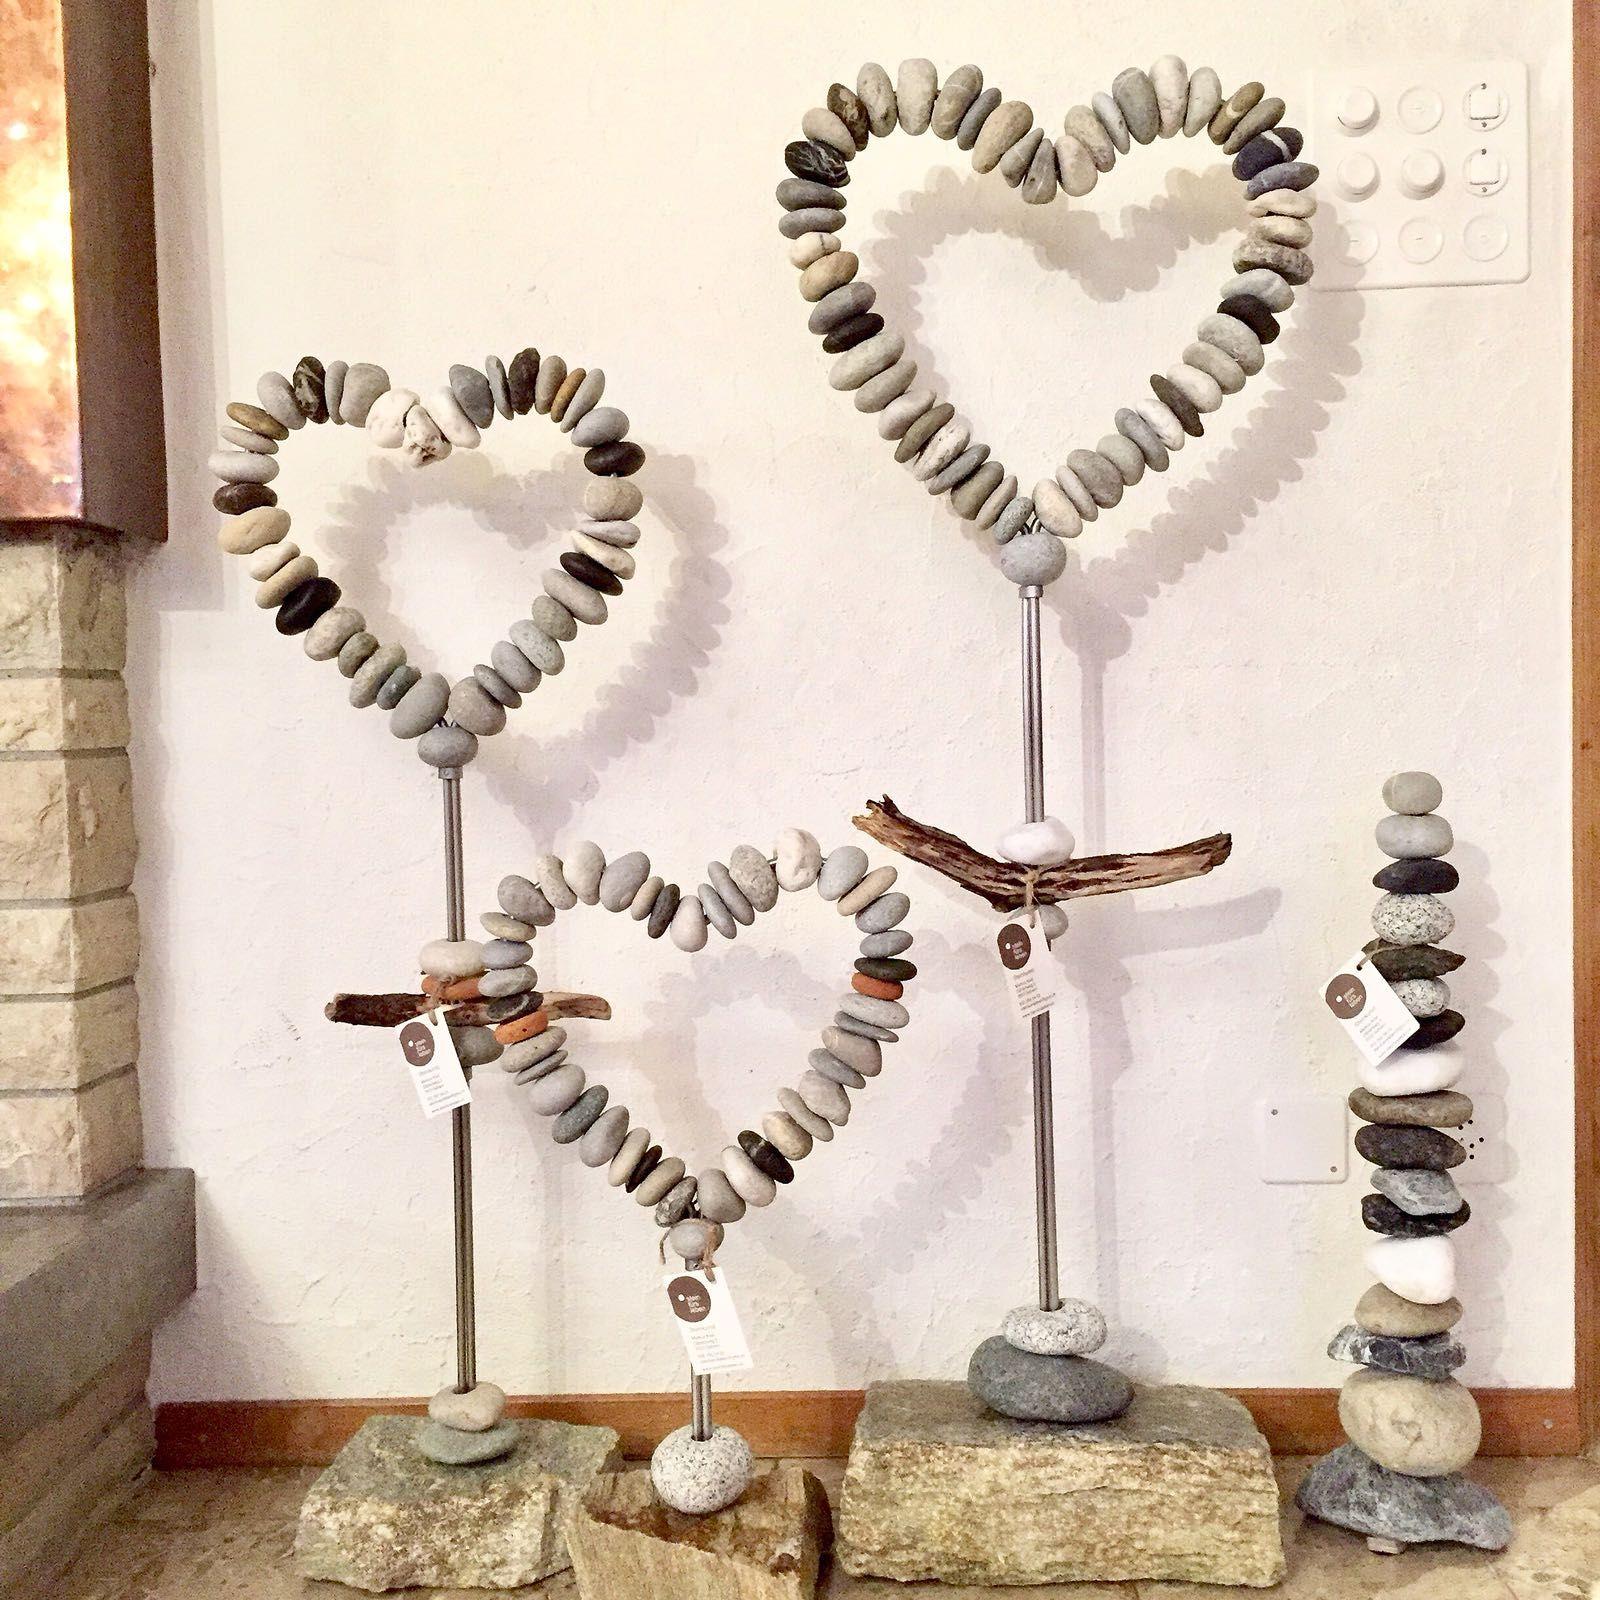 Steinherzen Stone Hearts Steine Schwemmholz Selbstgebogener